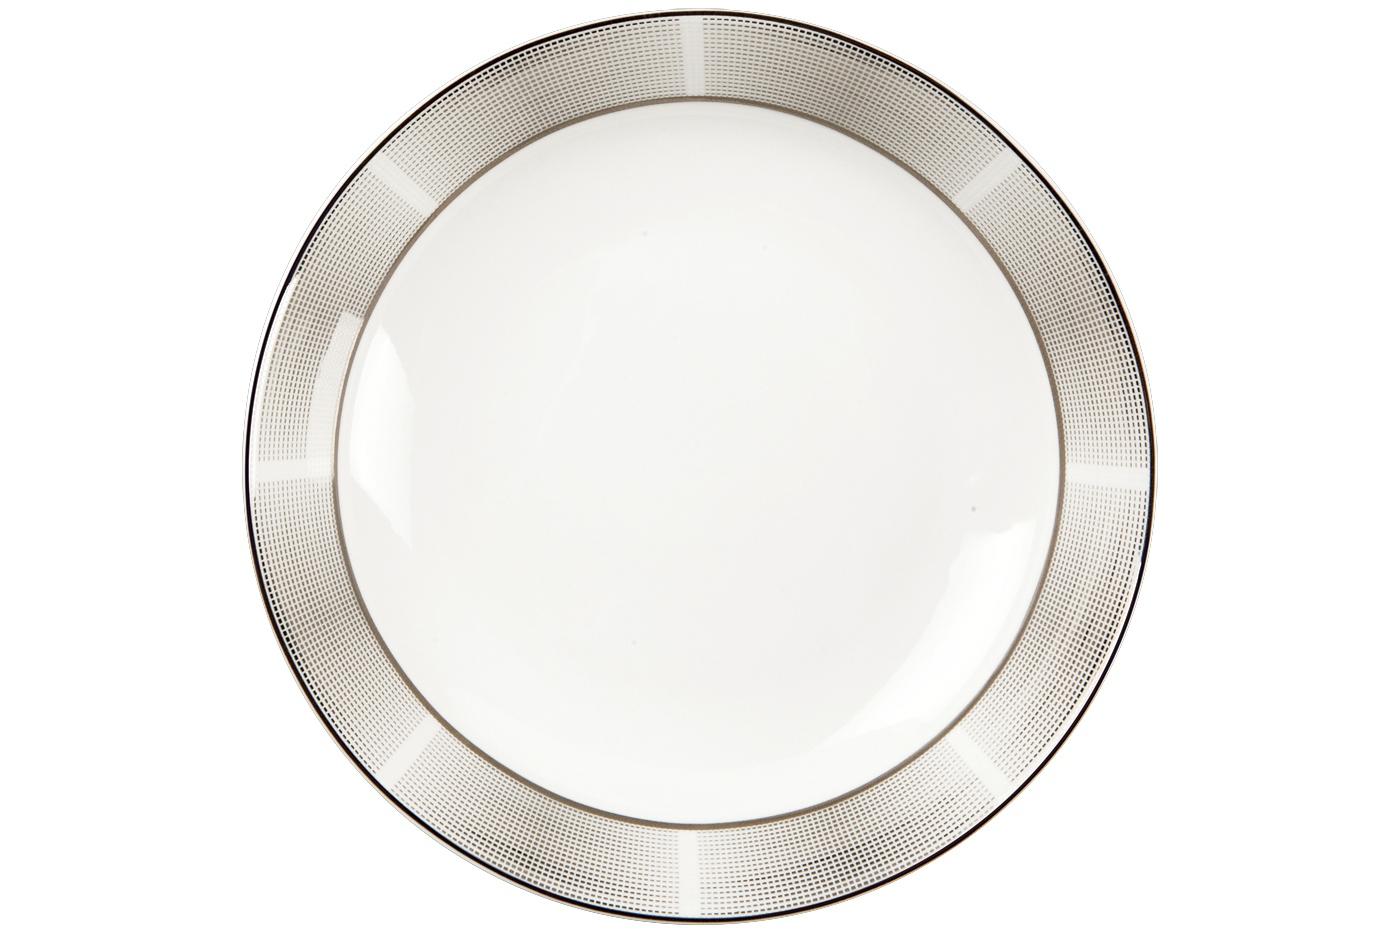 Набор из 6 тарелок суповых Royal Aurel Серебро (20см) арт.715Наборы тарелок<br>Набор из 6 тарелок суповых Royal Aurel Серебро (20см) арт.715<br>Производить посуду из фарфора начали в Китае на стыке 6-7 веков. Неустанно совершенствуя и селективно отбирая сырье для производства посуды из фарфора, мастерам удалось добиться выдающихся характеристик фарфора: белизны и тонкостенности. В XV веке появился особый интерес к китайской фарфоровой посуде, так как в это время Европе возникла мода на самобытные китайские вещи. Роскошный китайский фарфор являлся изыском и был в новинку, поэтому он выступал в качестве подарка королям, а также знатным людям. Такой дорогой подарок был очень престижен и по праву являлся элитной посудой. Как известно из многочисленных исторических документов, в Европе китайские изделия из фарфора ценились практически как золото. <br>Проверка изделий из костяного фарфора на подлинность <br>По сравнению с производством других видов фарфора процесс производства изделий из настоящего костяного фарфора сложен и весьма длителен. Посуда из изящного фарфора - это элитная посуда, которая всегда ассоциируется с богатством, величием и благородством. Несмотря на небольшую толщину, фарфоровая посуда - это очень прочное изделие. Для демонстрации плотности и прочности фарфора можно легко коснуться предметов посуды из фарфора деревянной палочкой, и тогда мы услушим характерный металлический звон. В составе фарфоровой посуды присутствует костяная зола, благодаря чему она может быть намного тоньше (не более 2,5 мм) и легче твердого или мягкого фарфора. Безупречная белизна - ключевой признак отличия такого фарфора от других. Цвет обычного фарфора сероватый или ближе к голубоватому, а костяной фарфор будет всегда будет молочно-белого цвета. Характерная и немаловажная деталь - это невесомая прозрачность изделий из фарфора такая, что сквозь него проходит свет.<br>